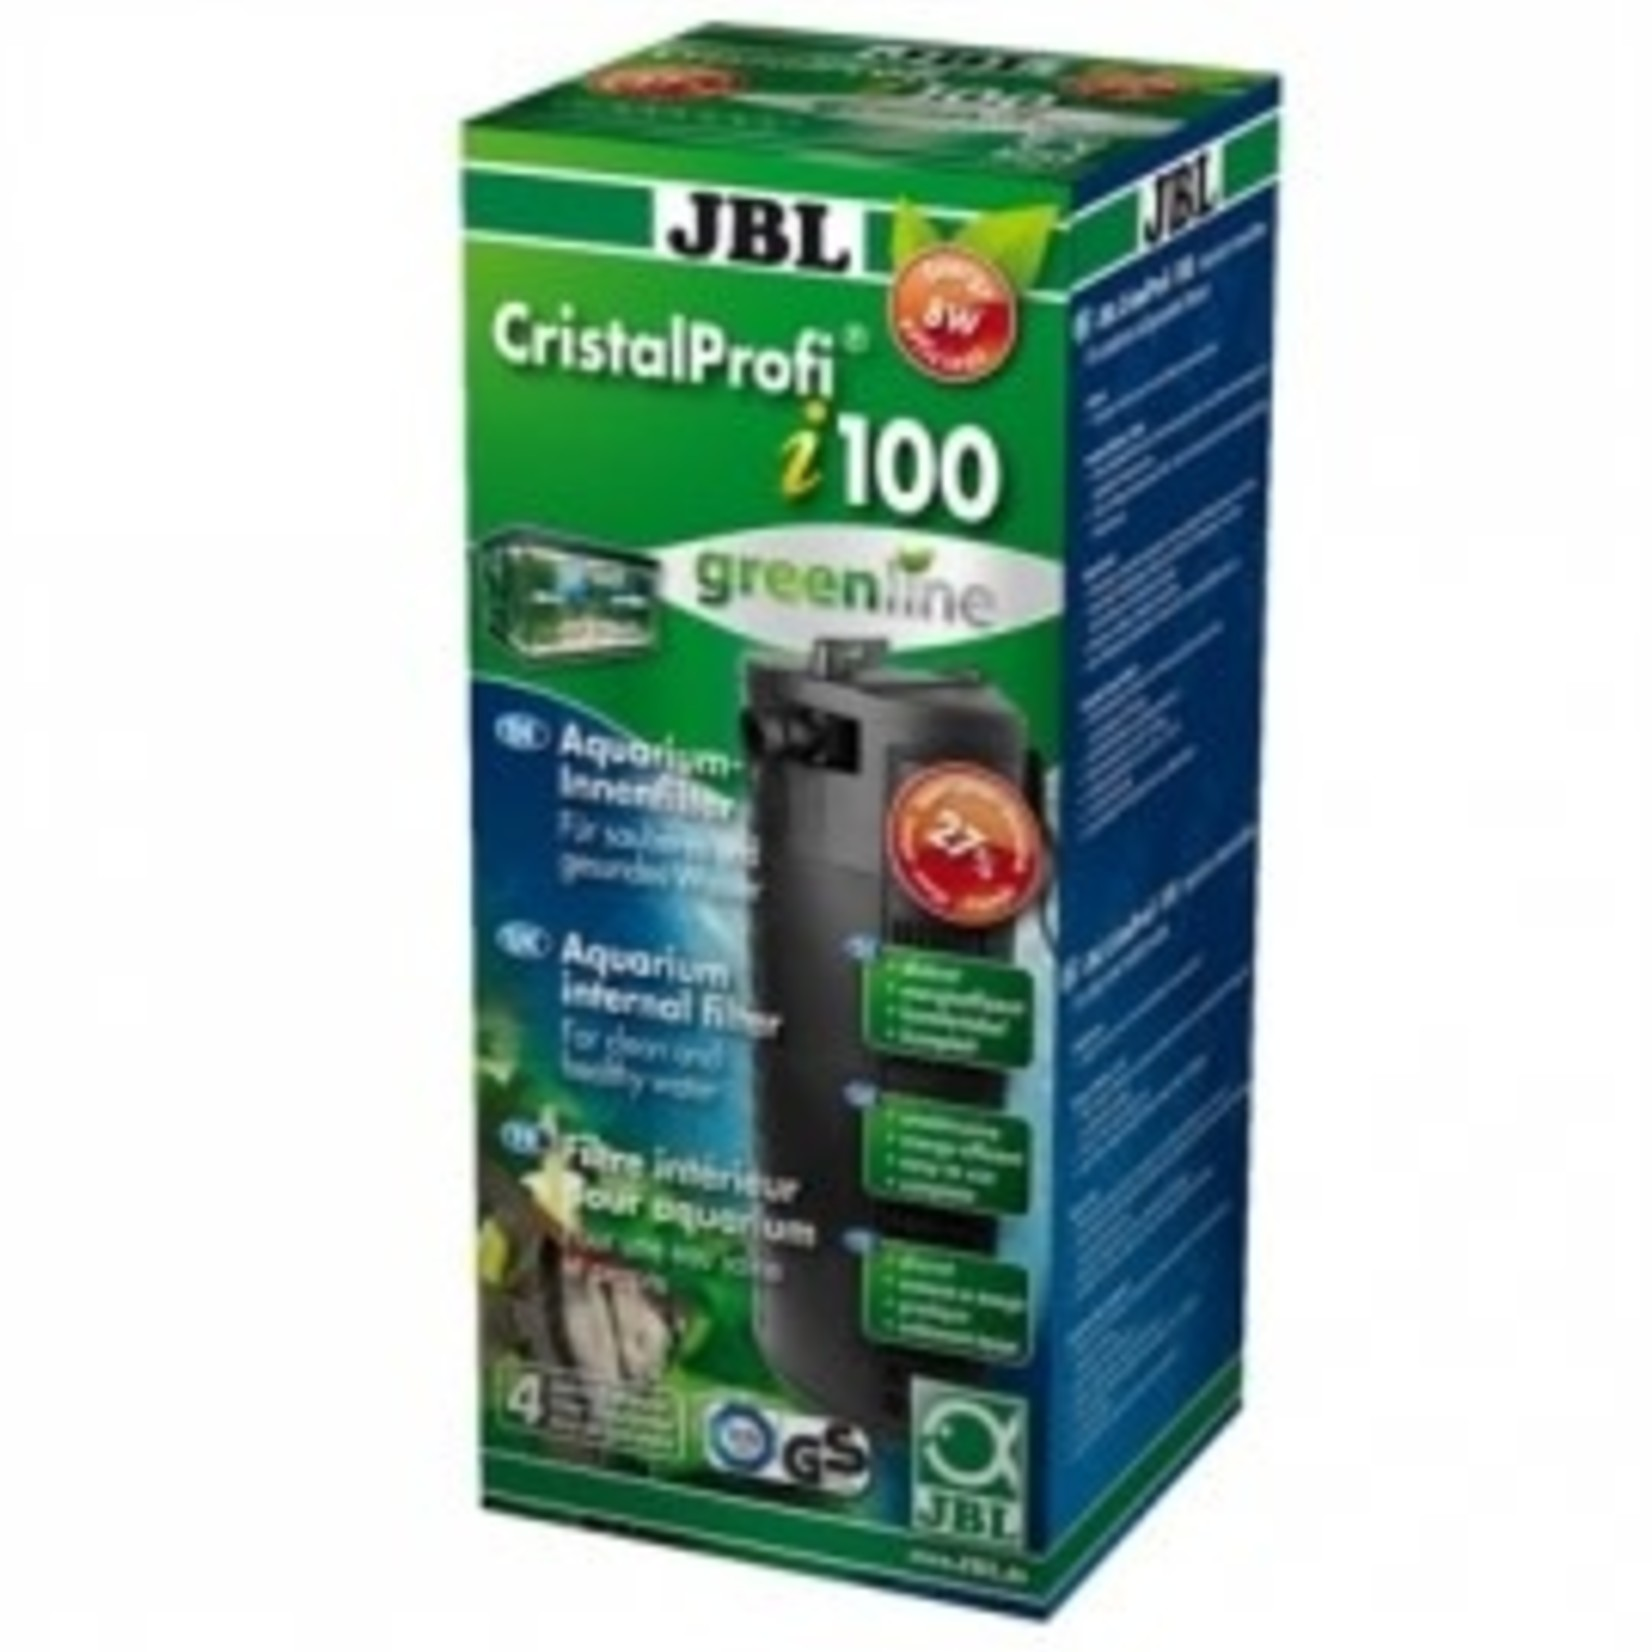 JBL FILTRE CristalProfi I greenline